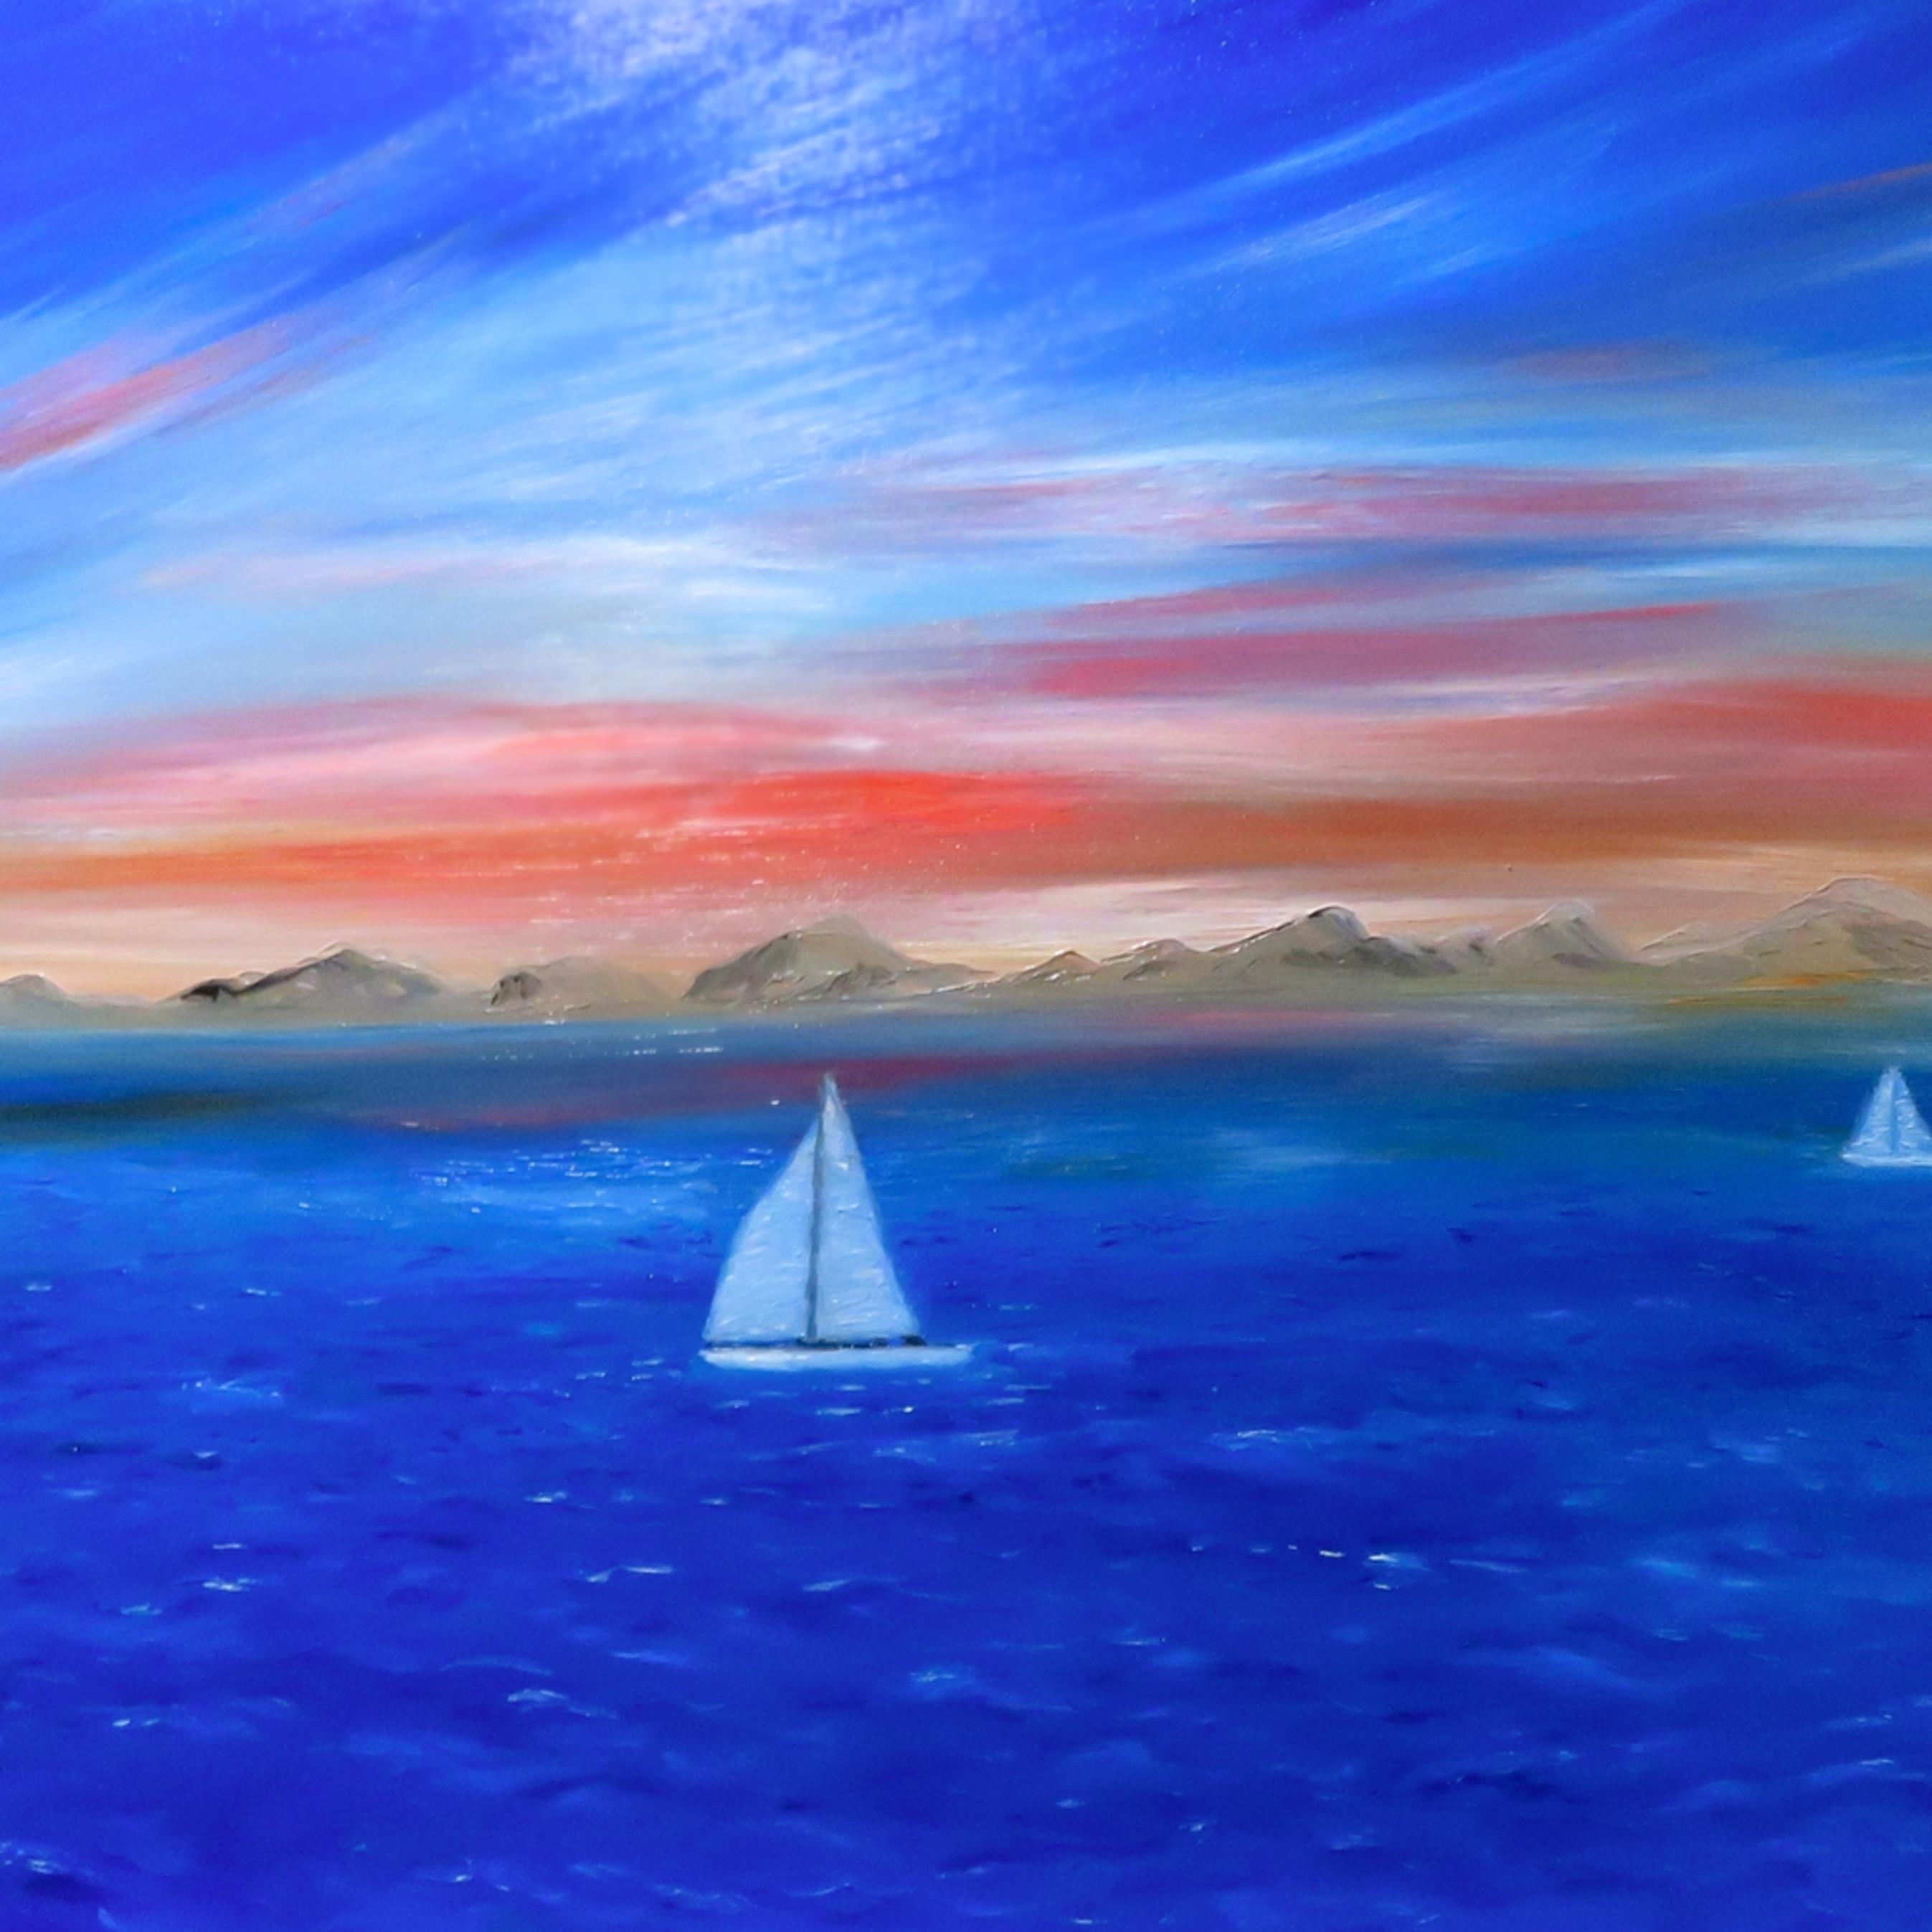 Sailing the coast inpixio2 cfdals